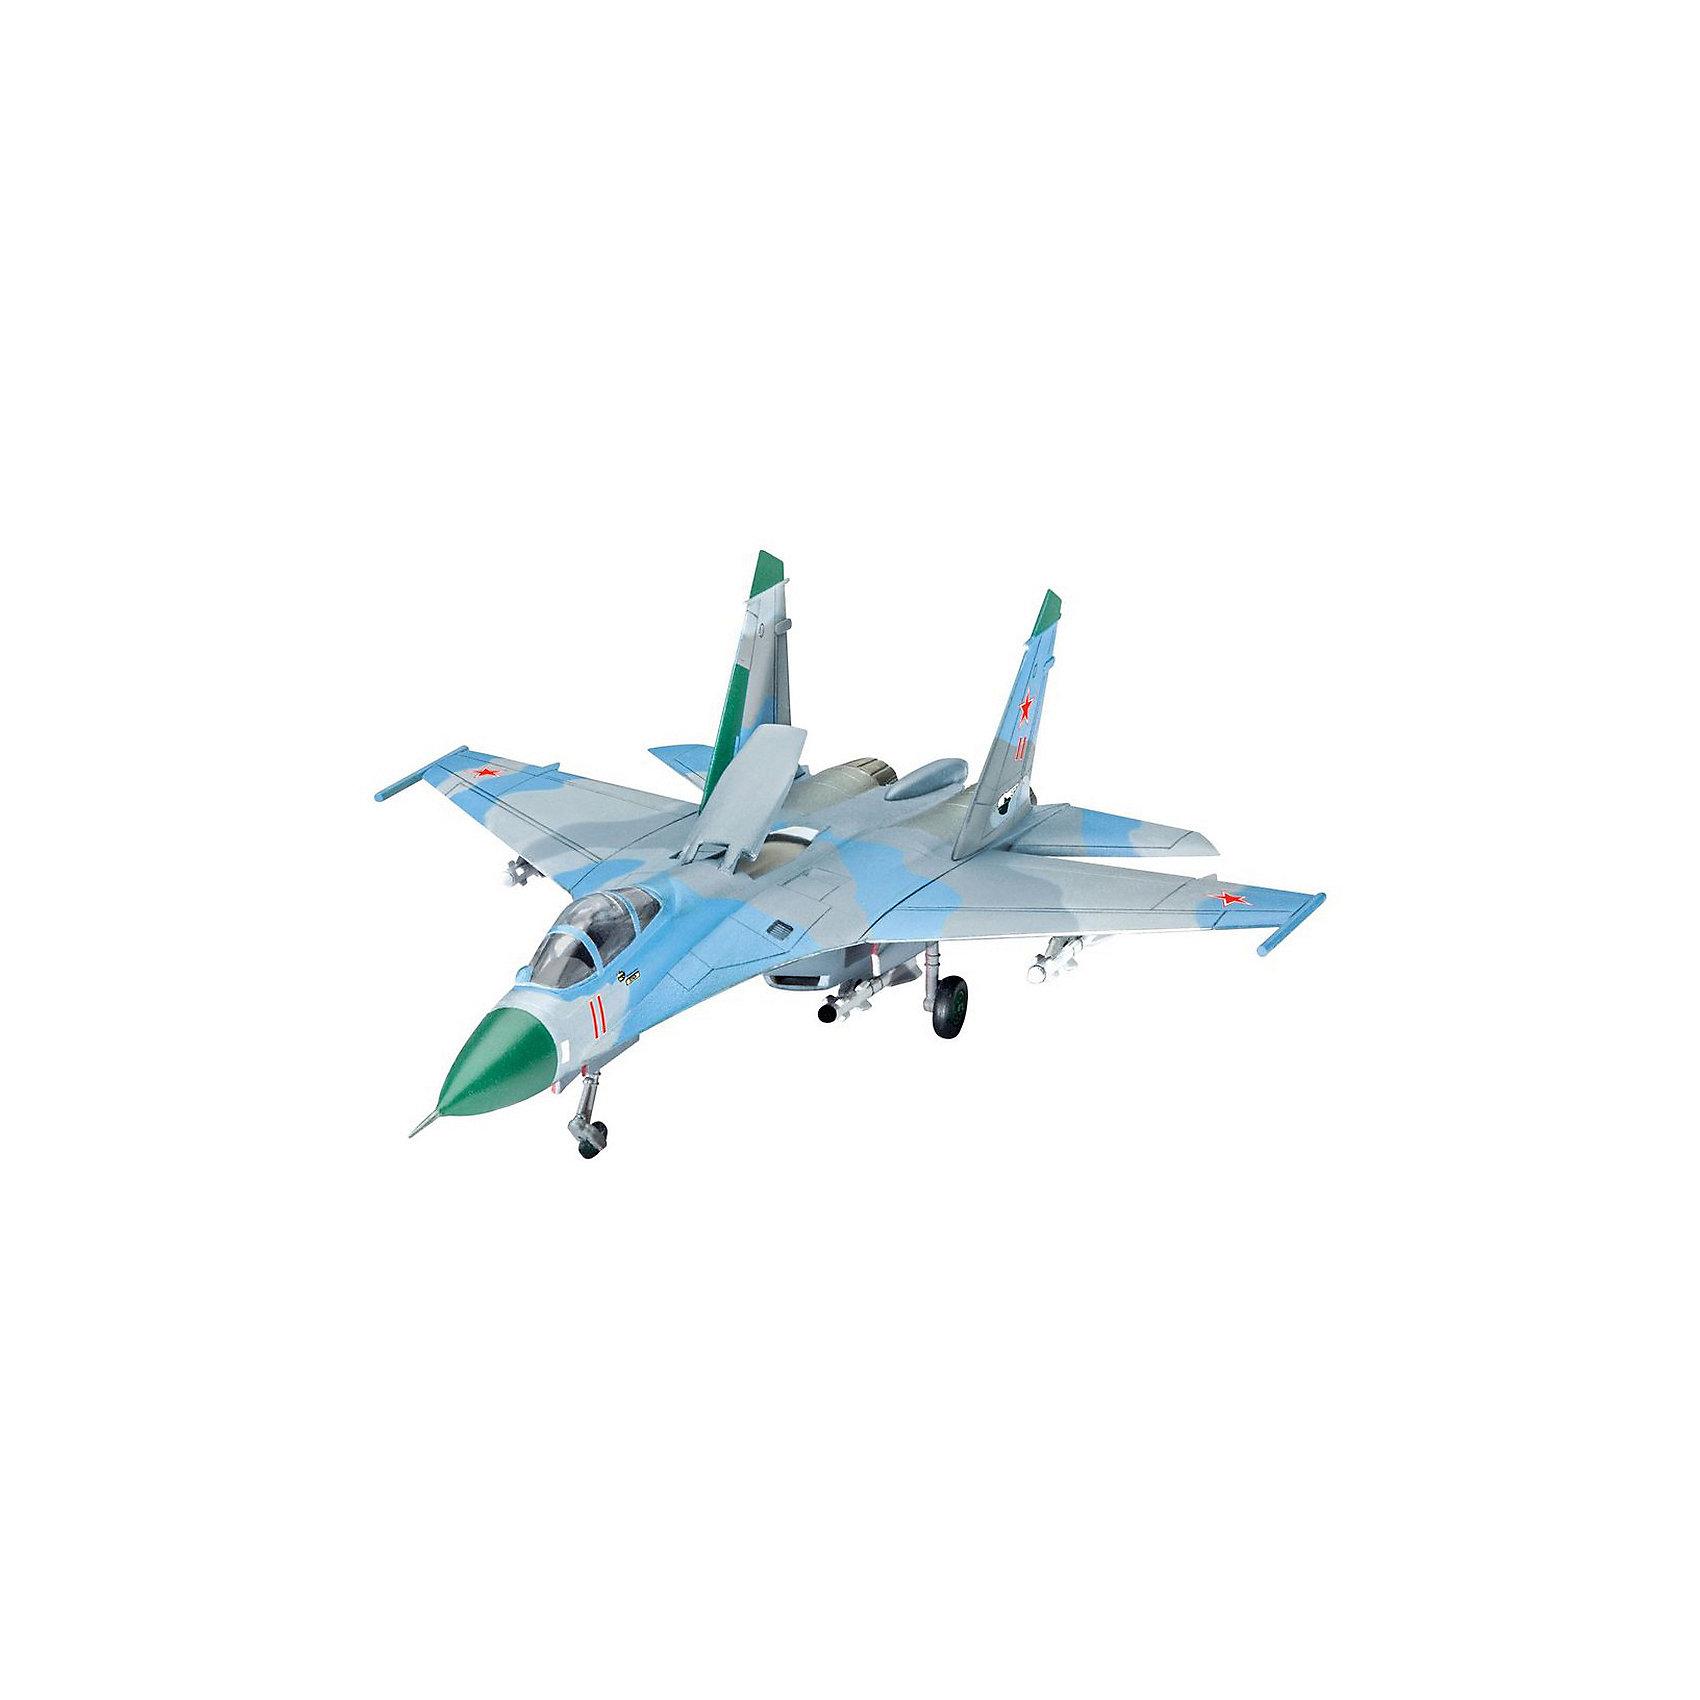 Многоцелевой истребитель СУ-27Модели для склеивания<br>Сборная модель советского самолета Су-27 ( Flanker).  <br><br>Количество деталей 48. Подвесное вооружение в комплекте. <br><br>Масштаб модели 1:144 <br><br>Самолет можно собрать в двух вариантах на выбор - на земле (с выпущенным шасси) или в полете. Длина модели в собранном виде 14,1 сантиметров. Размах крыльев 10,3 сантиметров.  <br><br>Декаль для самолета Sukhoi Su-27 Flanker , 159. Fighter-Squadron, Stargard AB, GDR, 1992 <br><br>Клей, краска и инструменты в набор не входят. <br><br>Модель может быть рекомендована для взрослых и детей от 10 лет.<br><br>Ширина мм: 9999<br>Глубина мм: 9999<br>Высота мм: 9999<br>Вес г: 9999<br>Возраст от месяцев: 120<br>Возраст до месяцев: 2147483647<br>Пол: Мужской<br>Возраст: Детский<br>SKU: 7122365